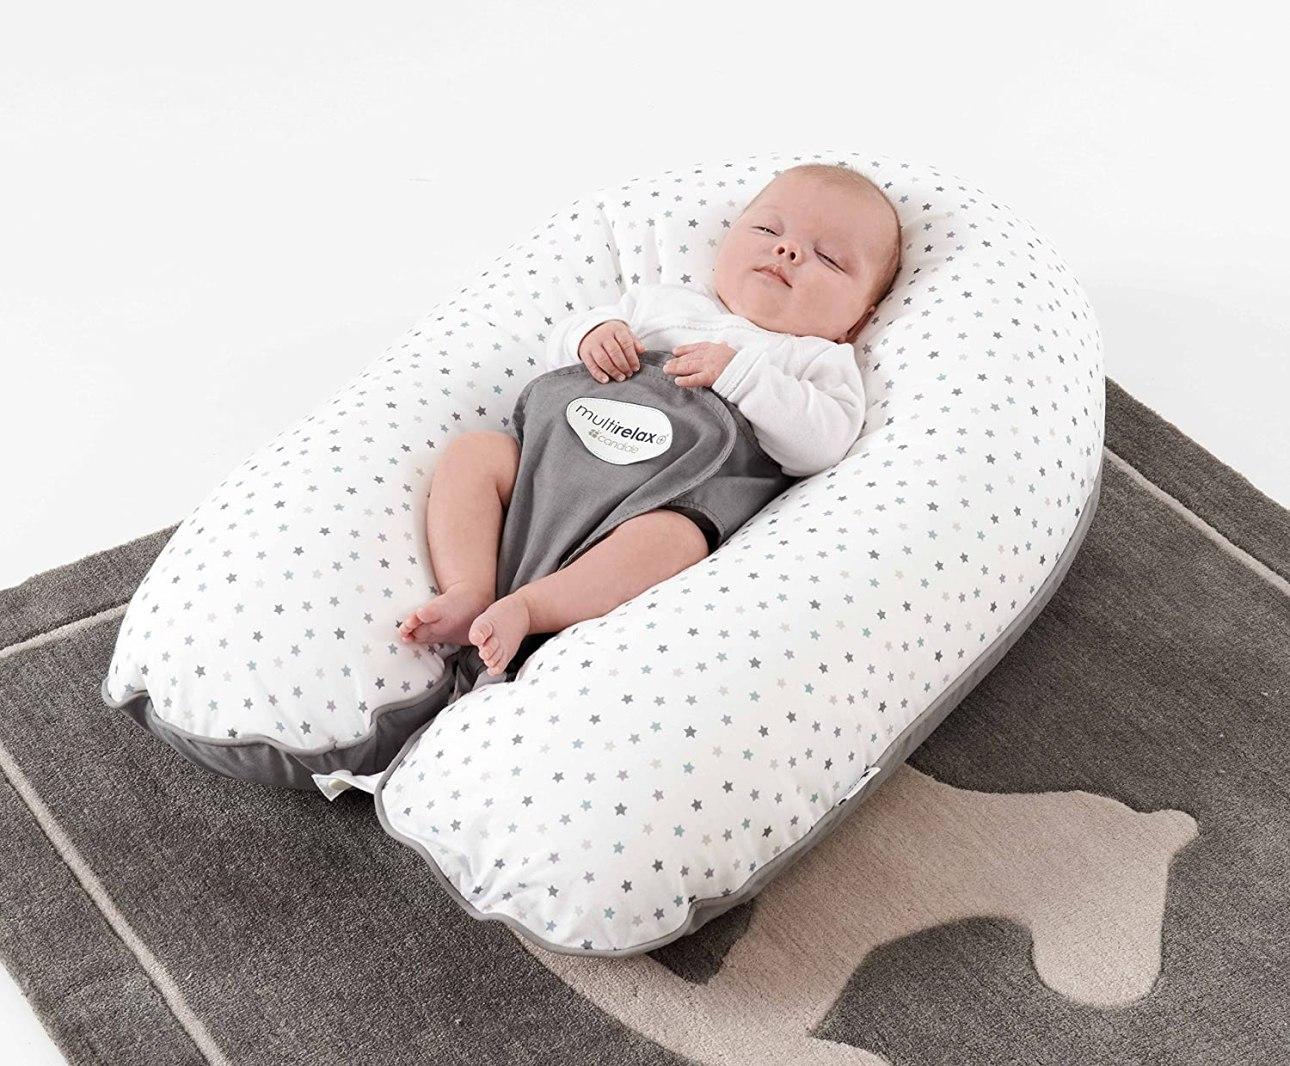 coussin d'allaitement candide confort